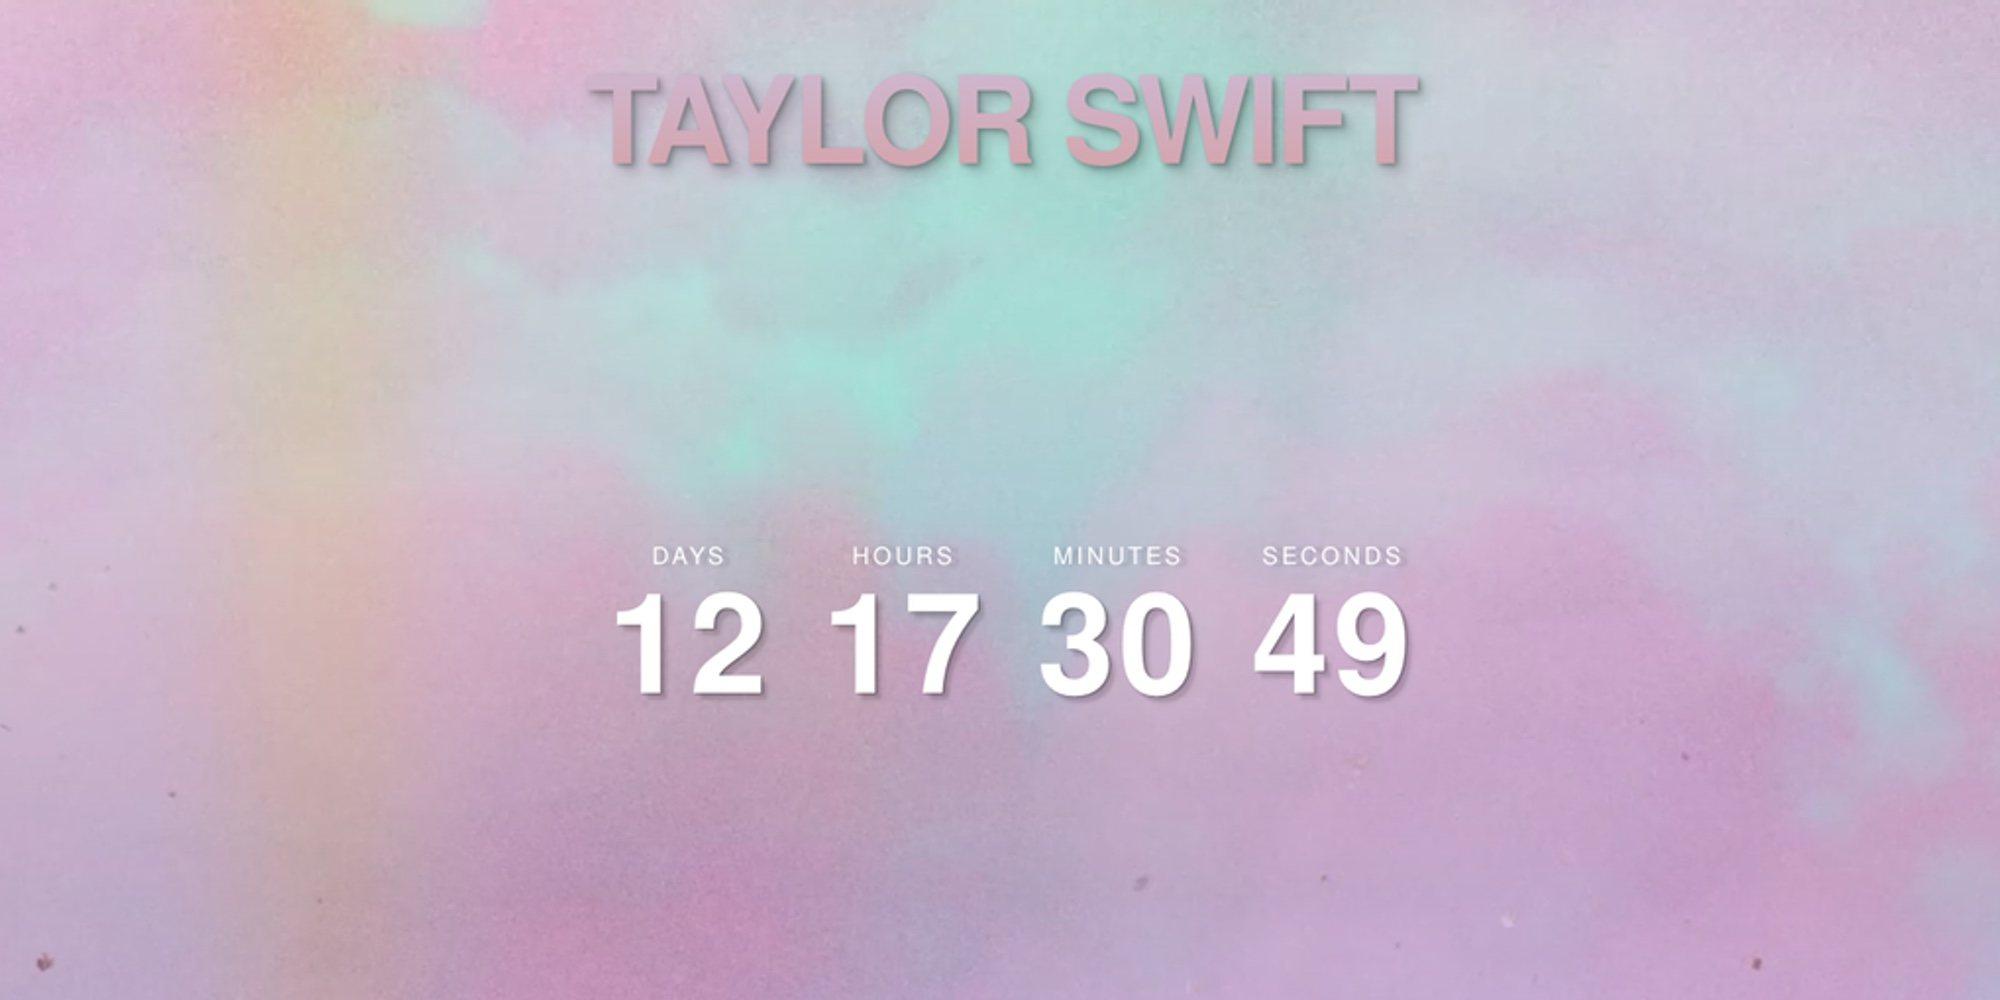 Taylor Swift pone fecha al lanzamiento de su nuevo álbum